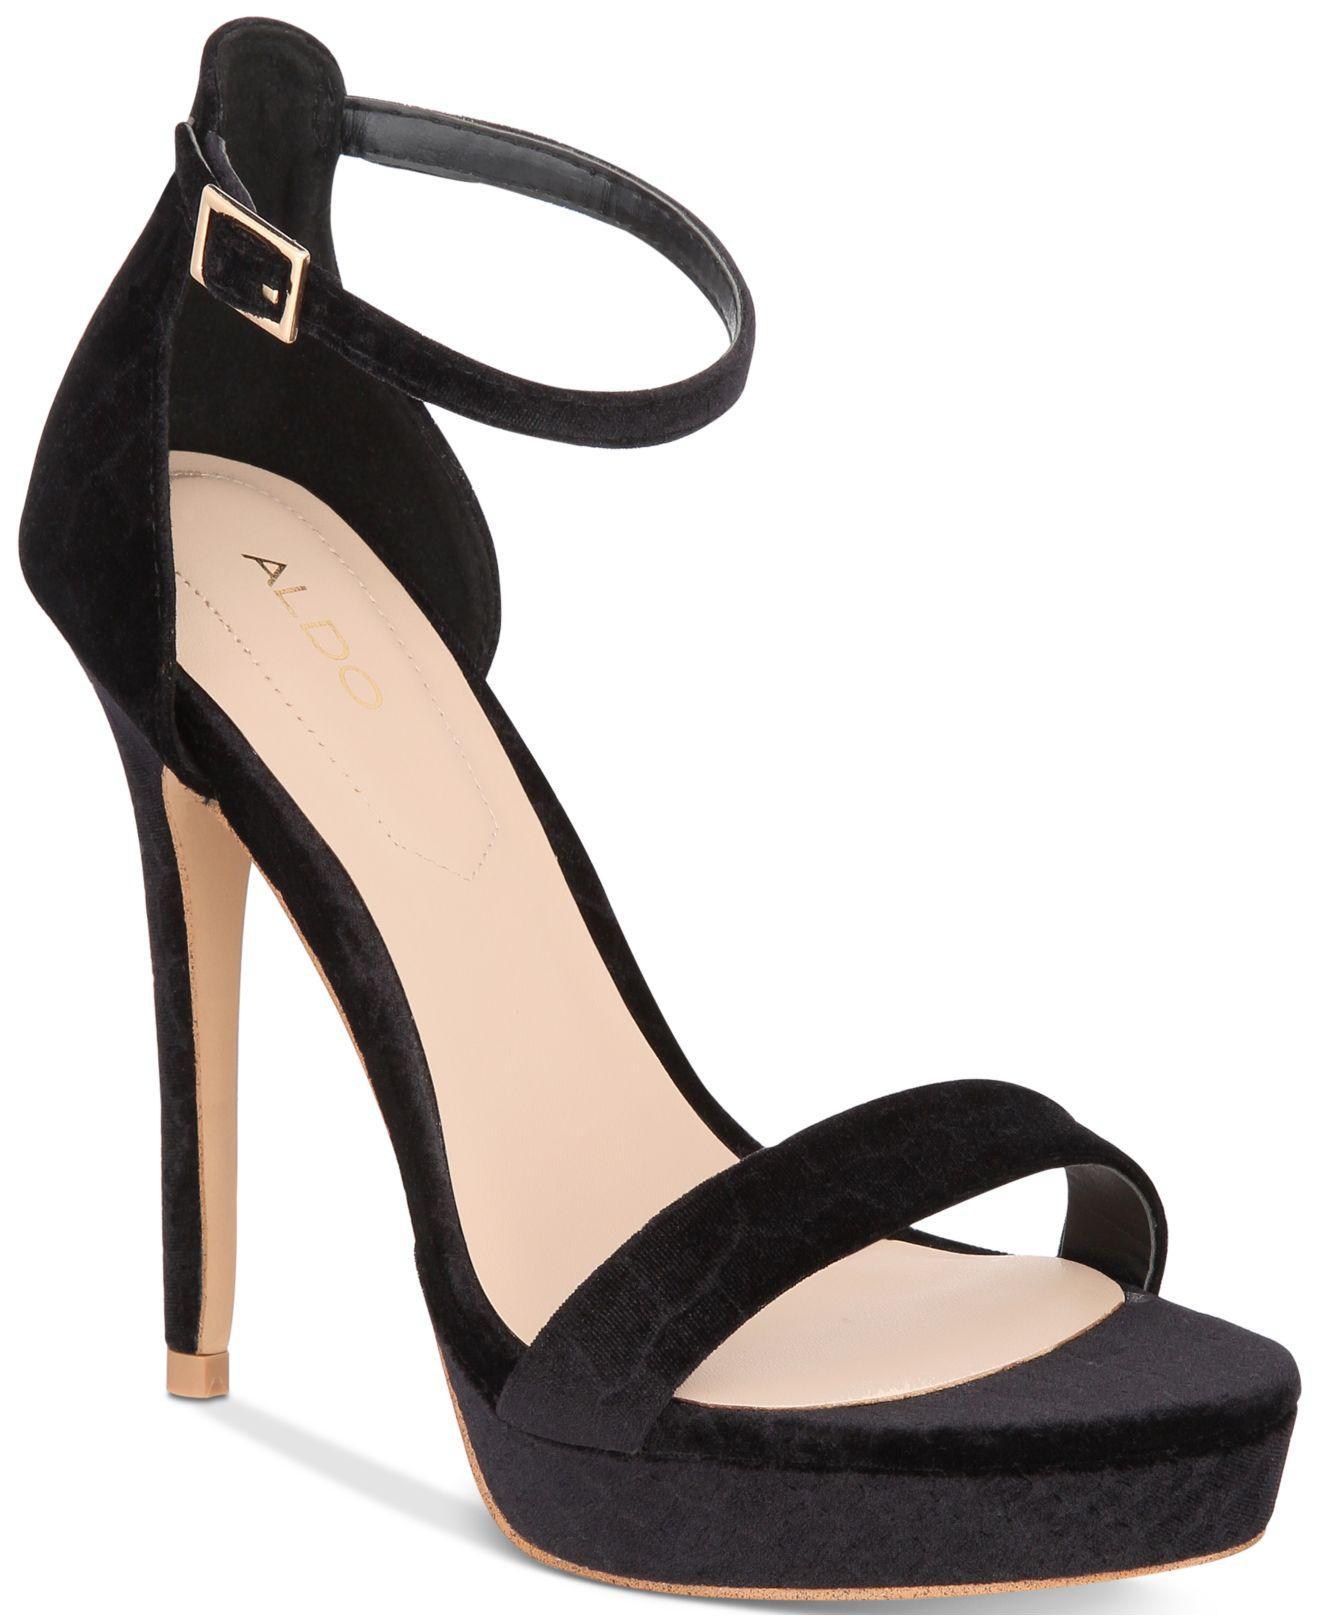 226e9abb559 Lyst - ALDO Madalene Platform Sandals in Black